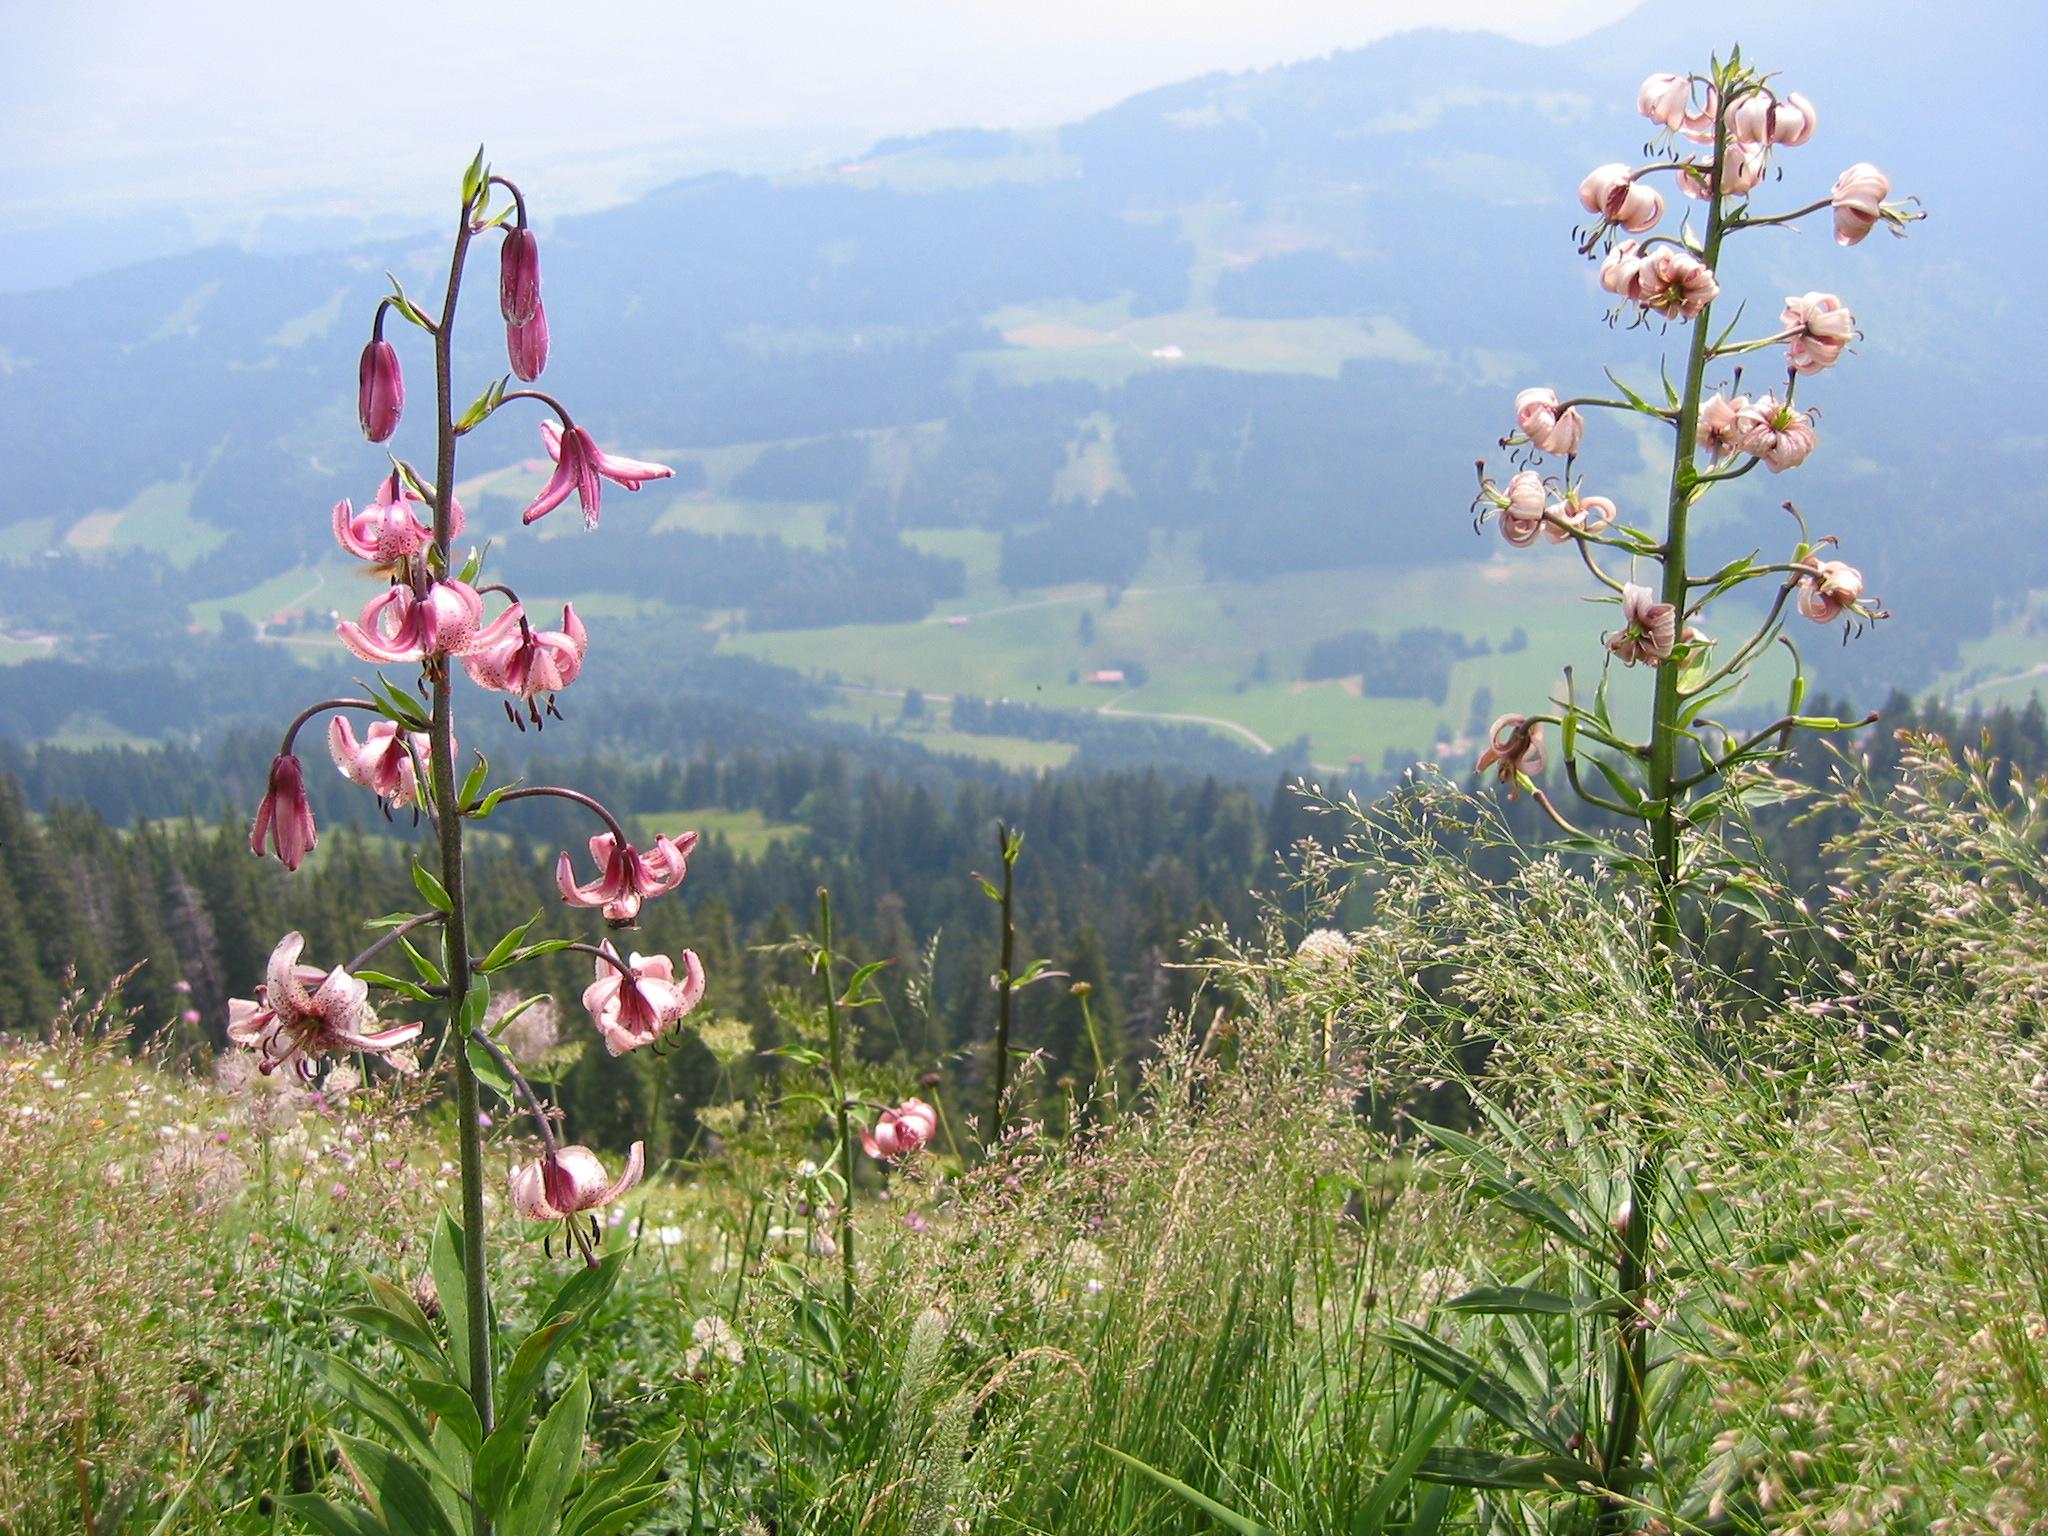 Türkenbund-Lilien über dem Illertal in den Allgäuer Alpen